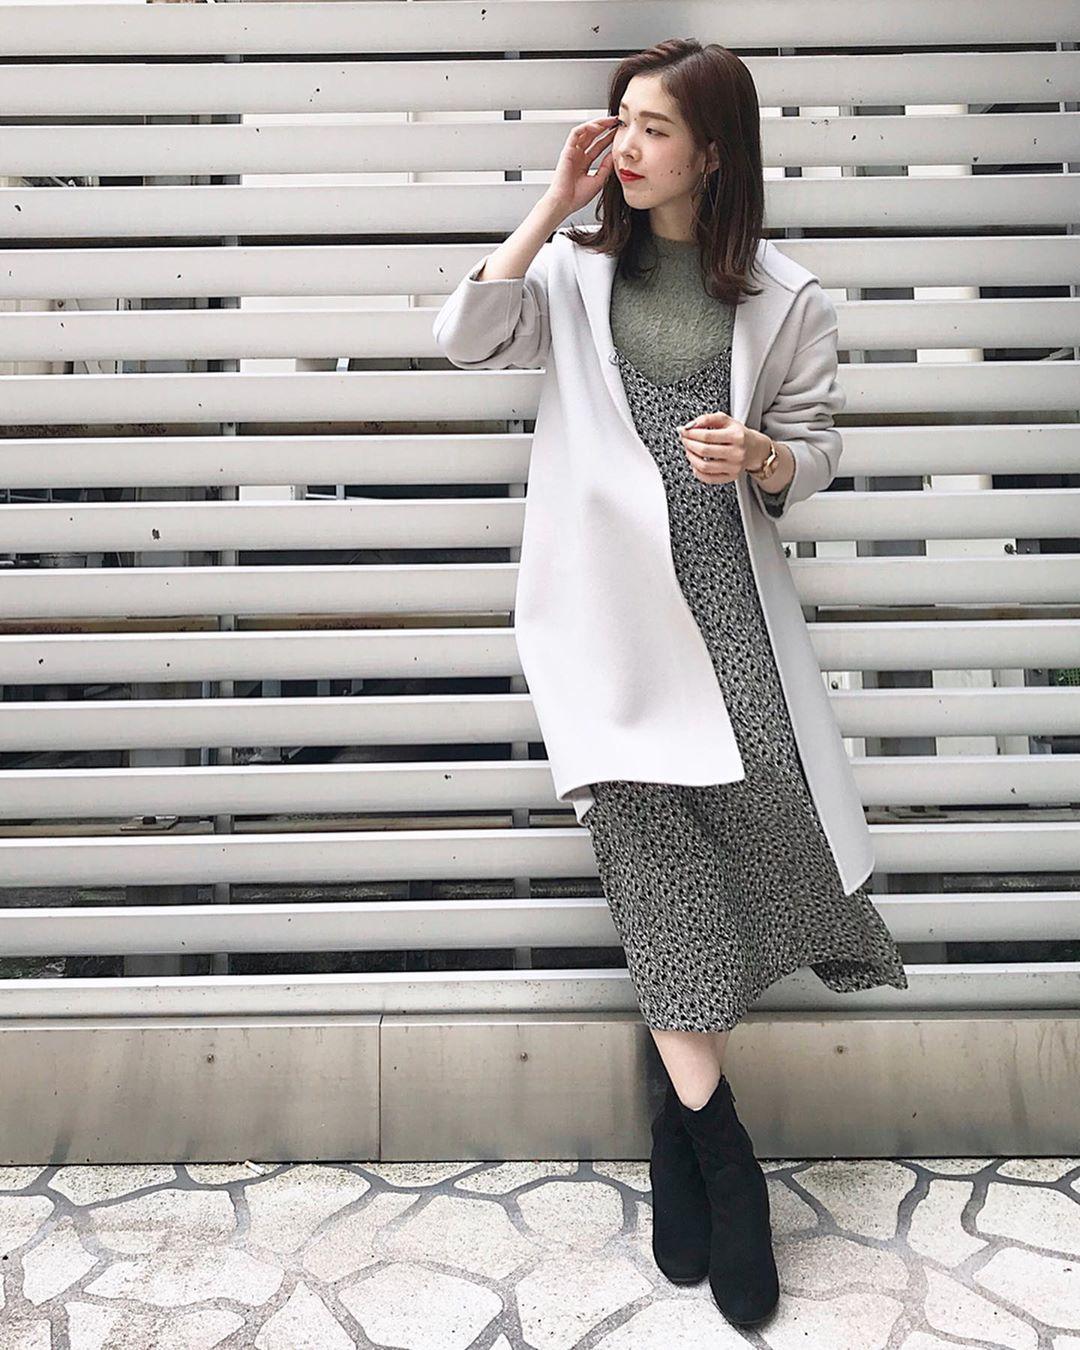 最高気温18度・最低気温10度 hikari_k0122の服装